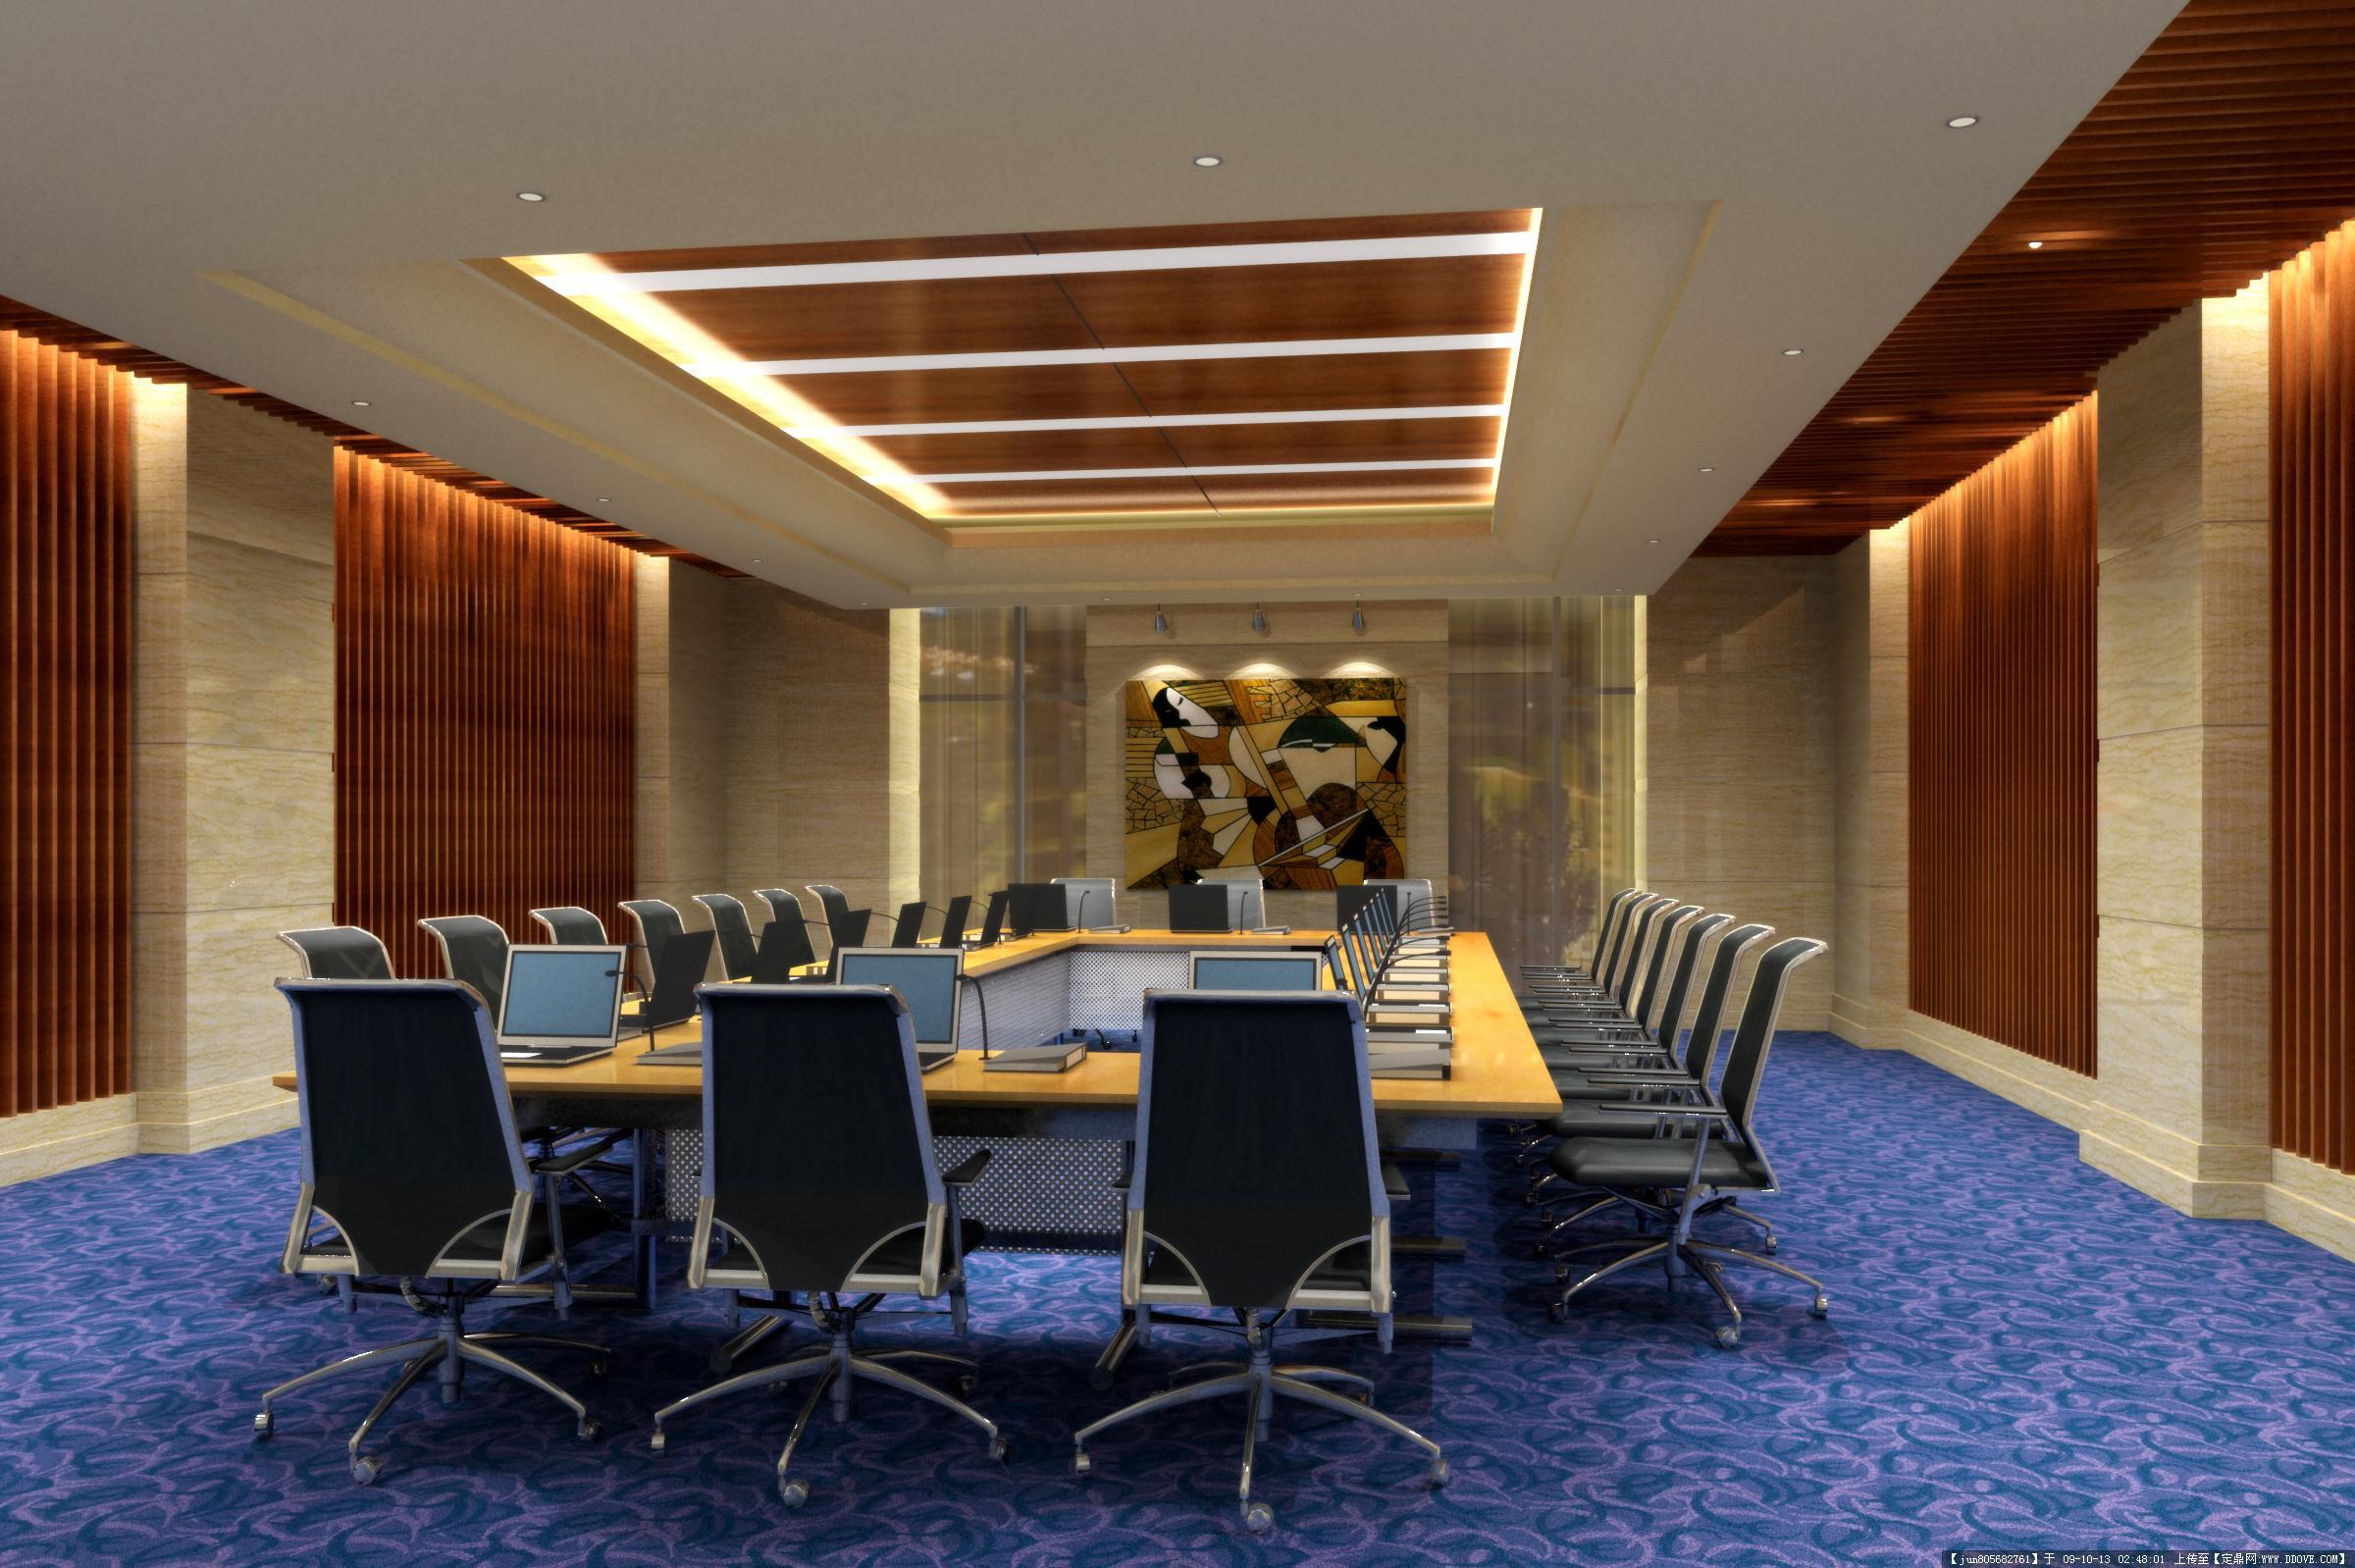 北京办公室装修丰台写字楼装修设计; 酒店效果图4张; 酒店效果图4张